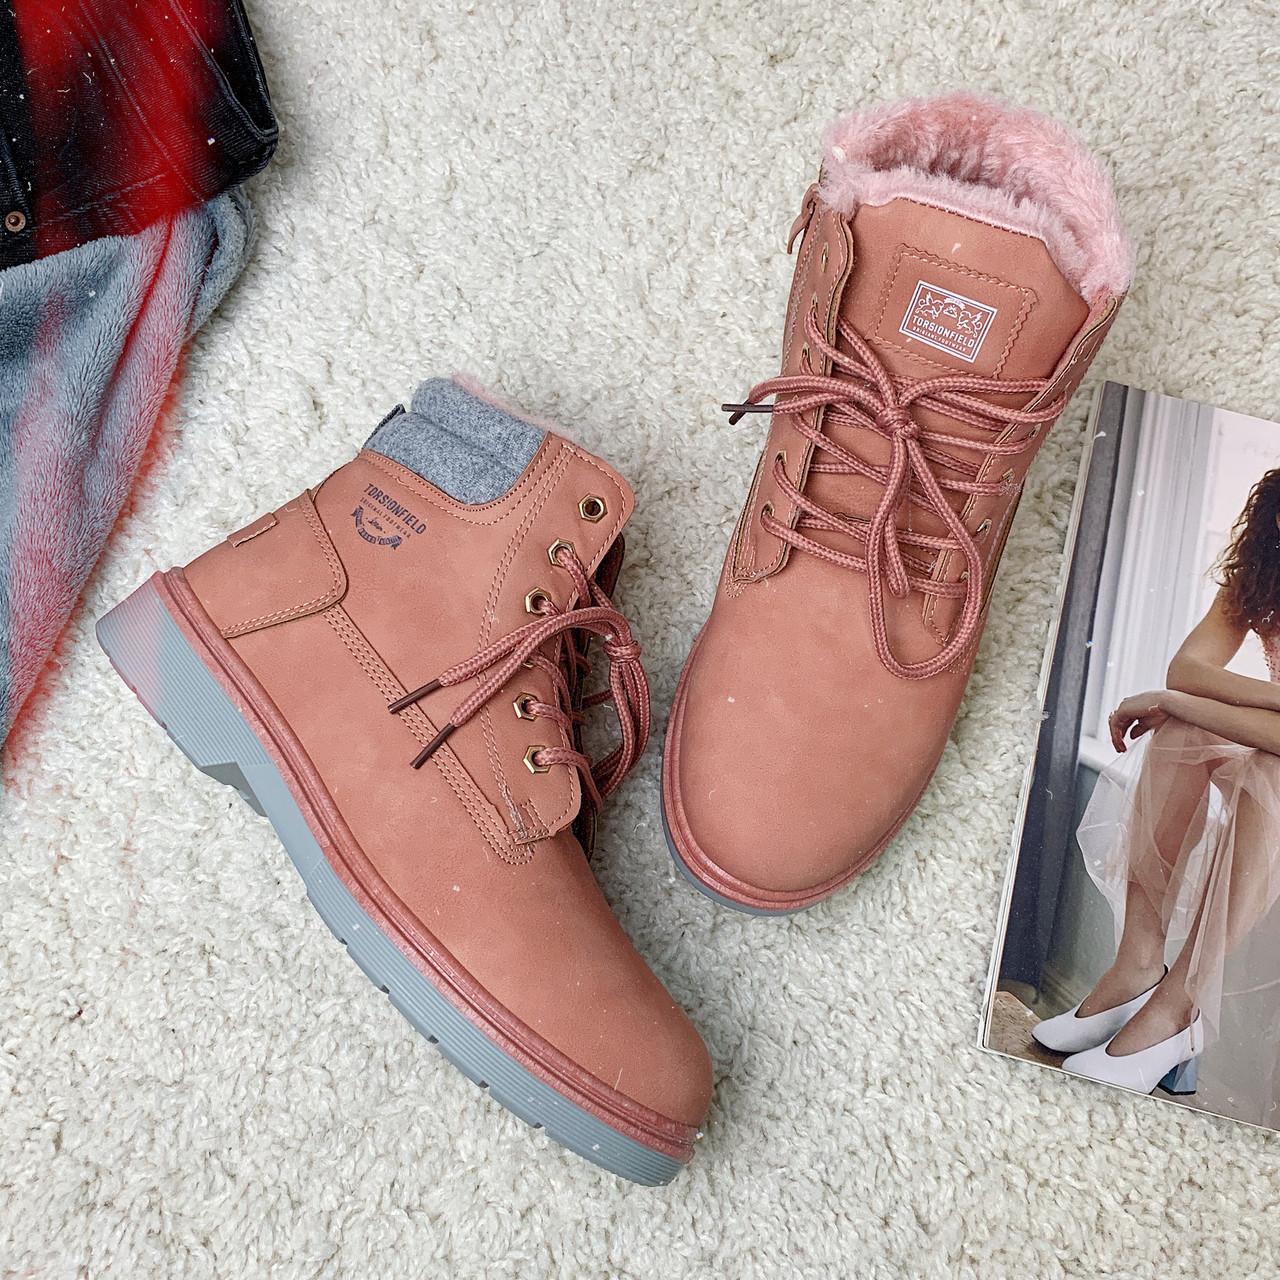 Ботинки зимние женские Dual /розовые, 36-41, dr-092/